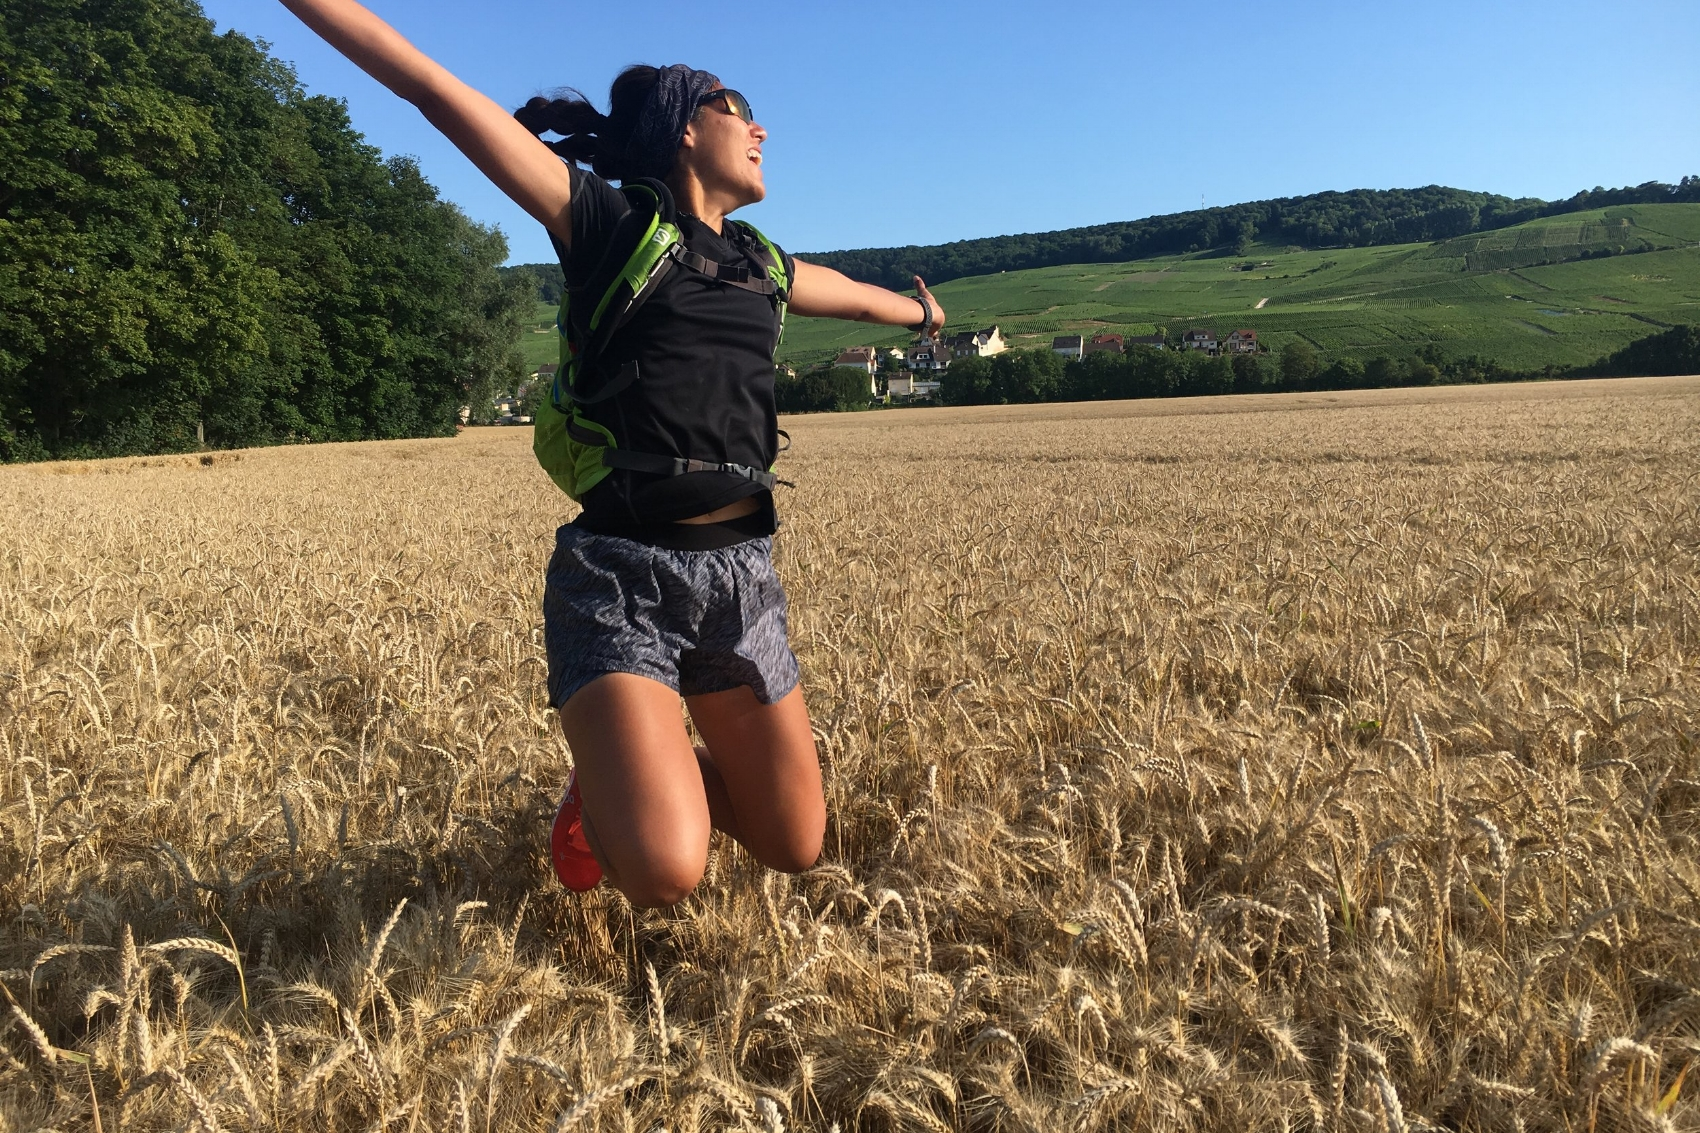 FRANCE - Je cours 35 marathons en 2 mois pour transmettre un message : OSONS !